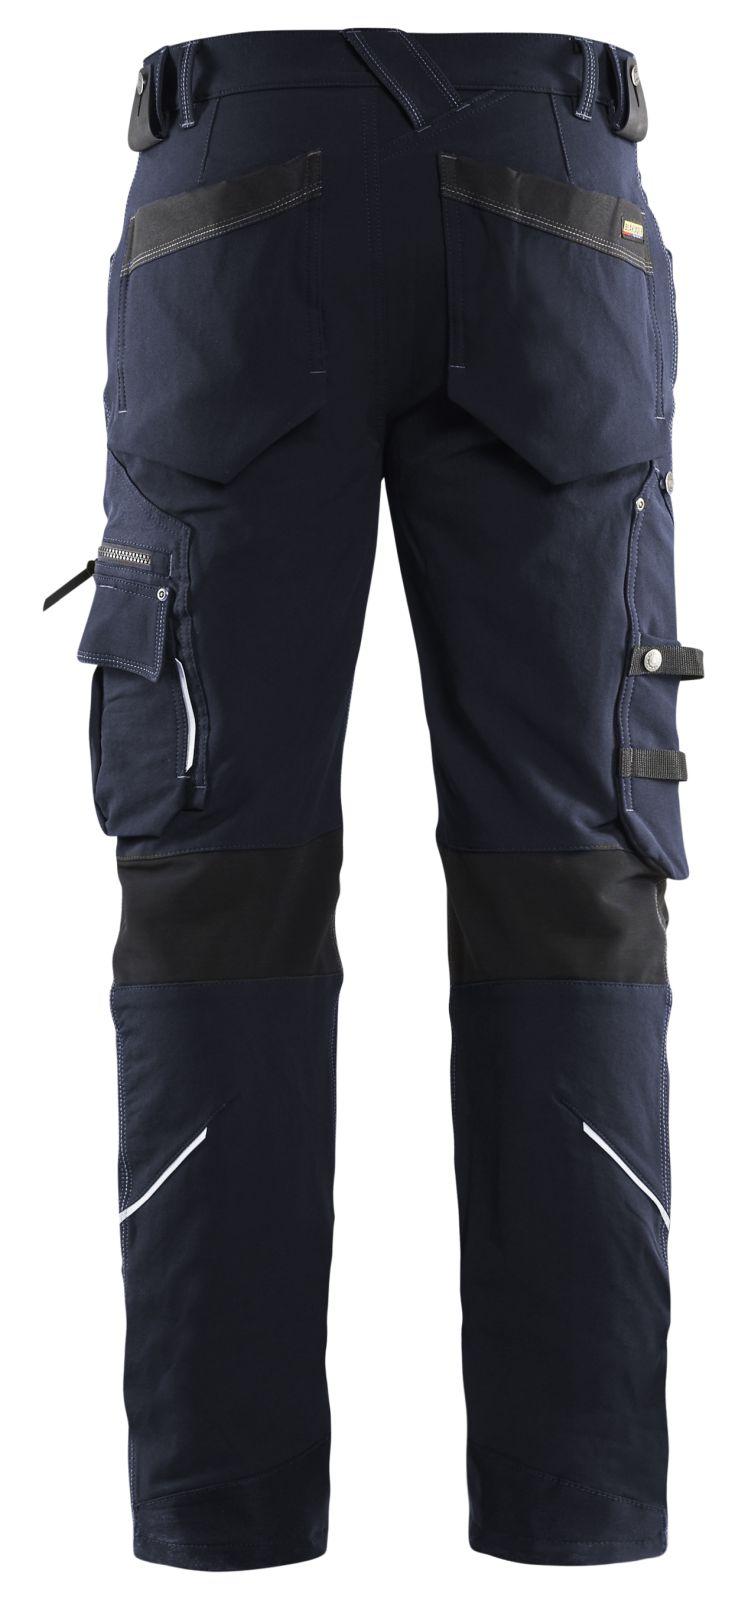 Blaklader Broeken 19891644 met Stretch donker marineblauw-zwart(8699)